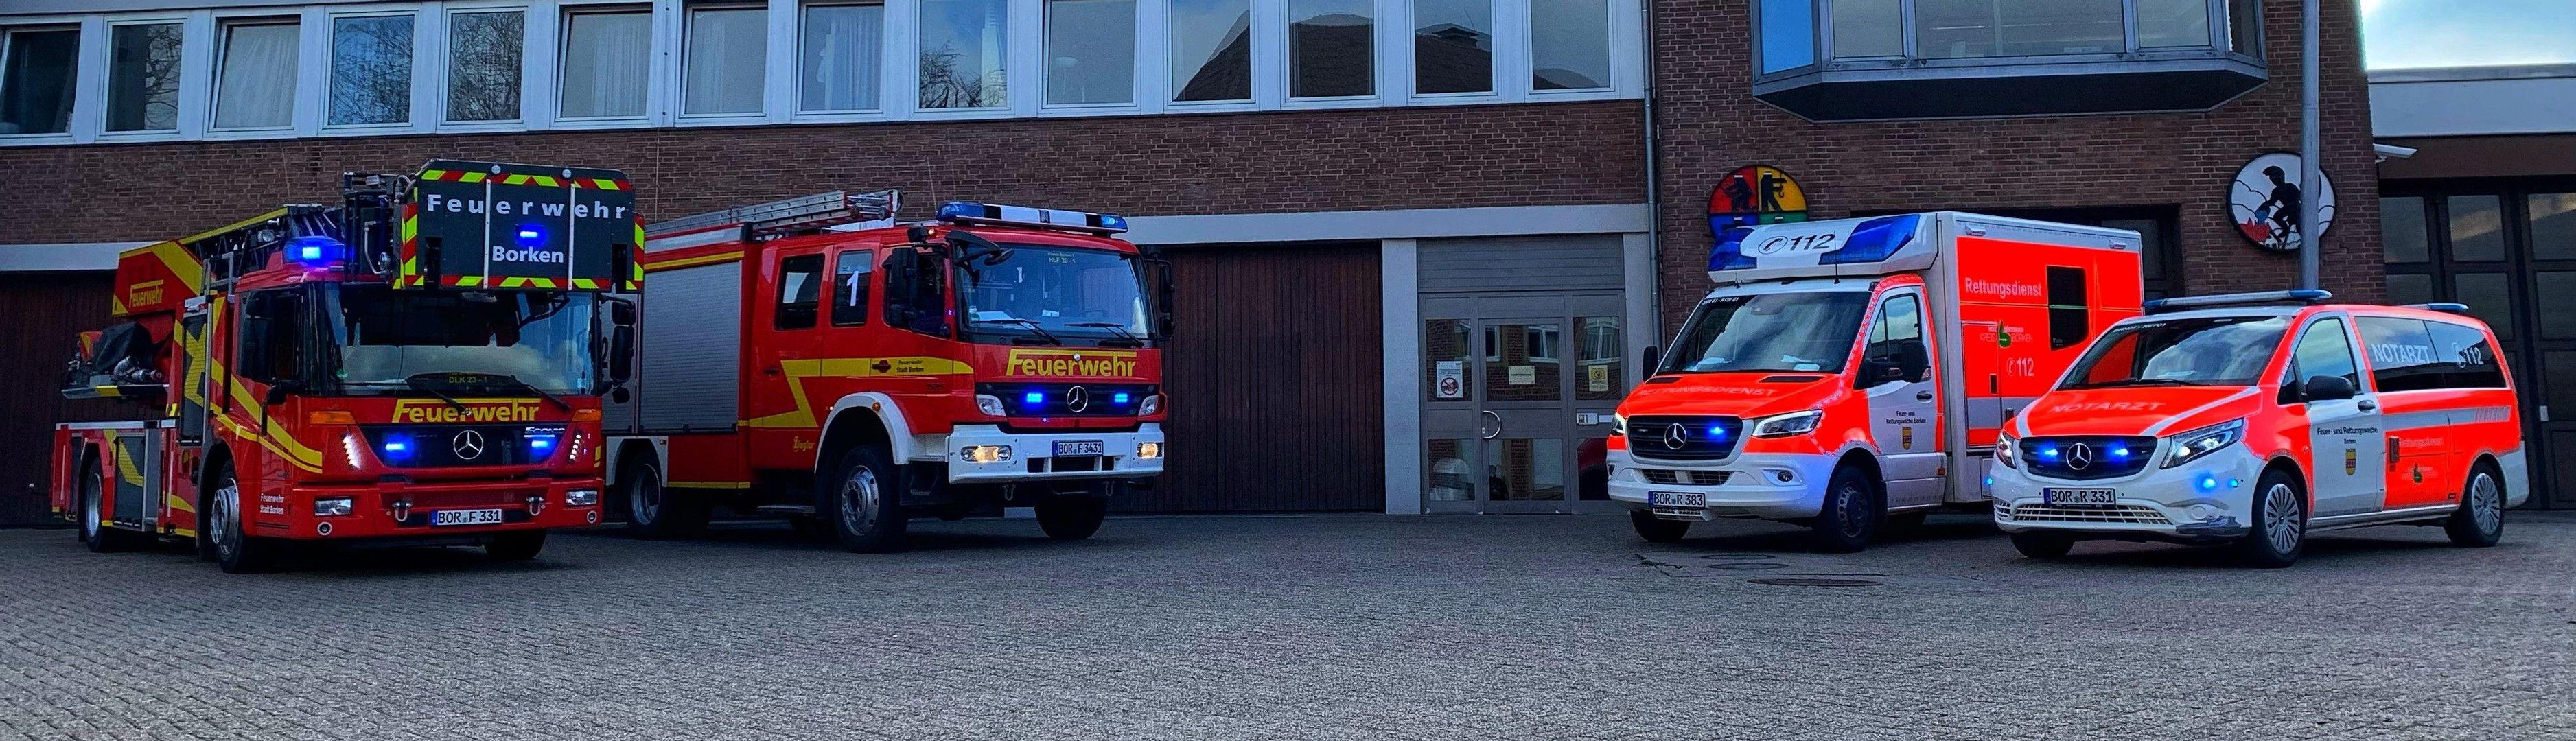 Einsatzfahrzeuge | Feuerwehr Borken